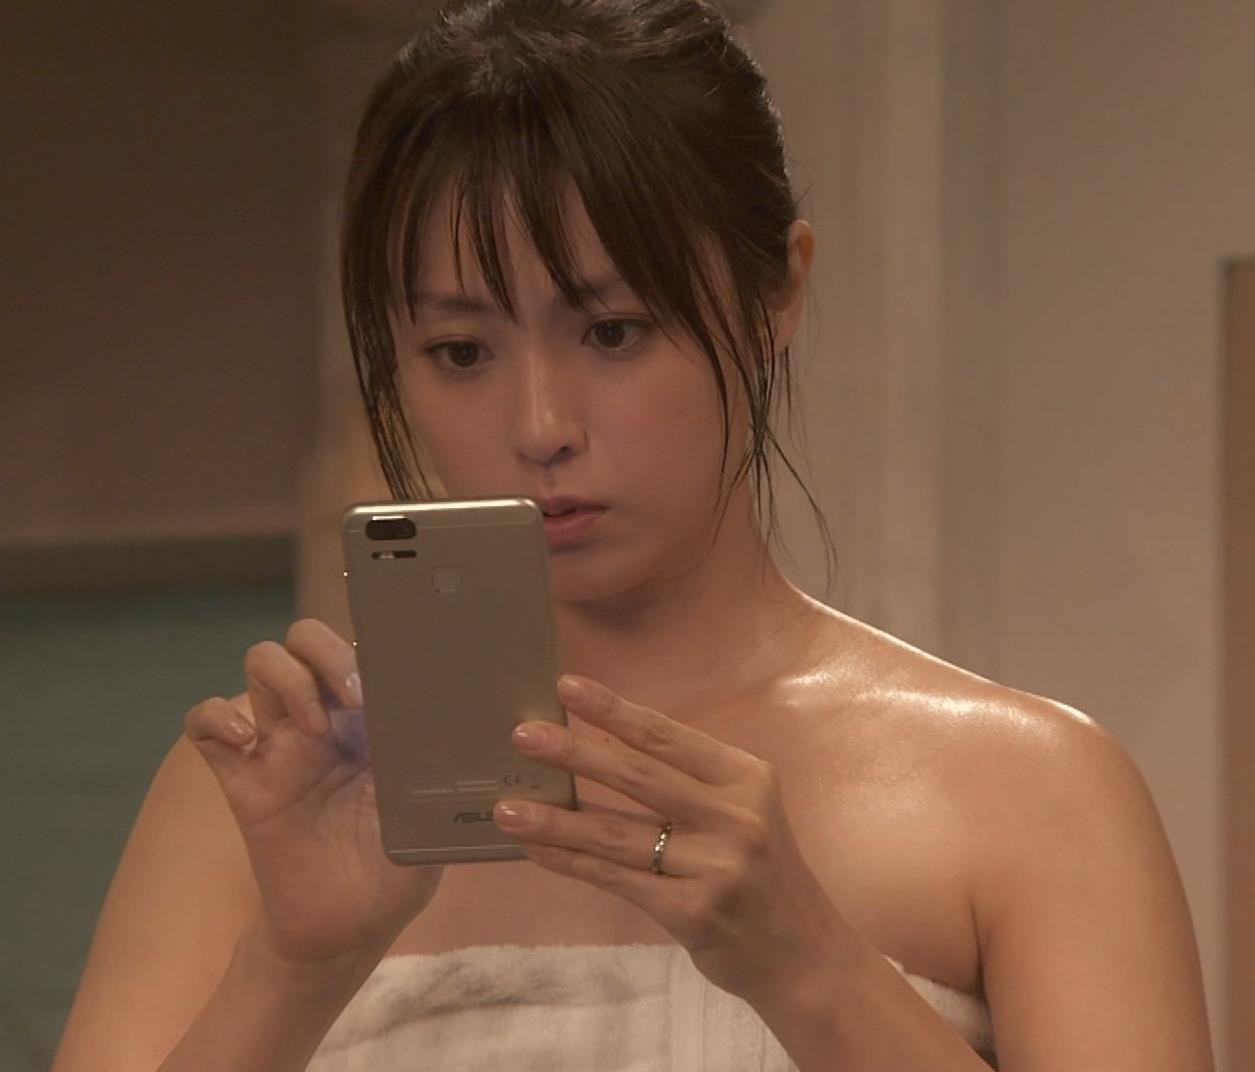 深田恭子 入浴で裸にバスタオル巻いだけキャプ・エロ画像13